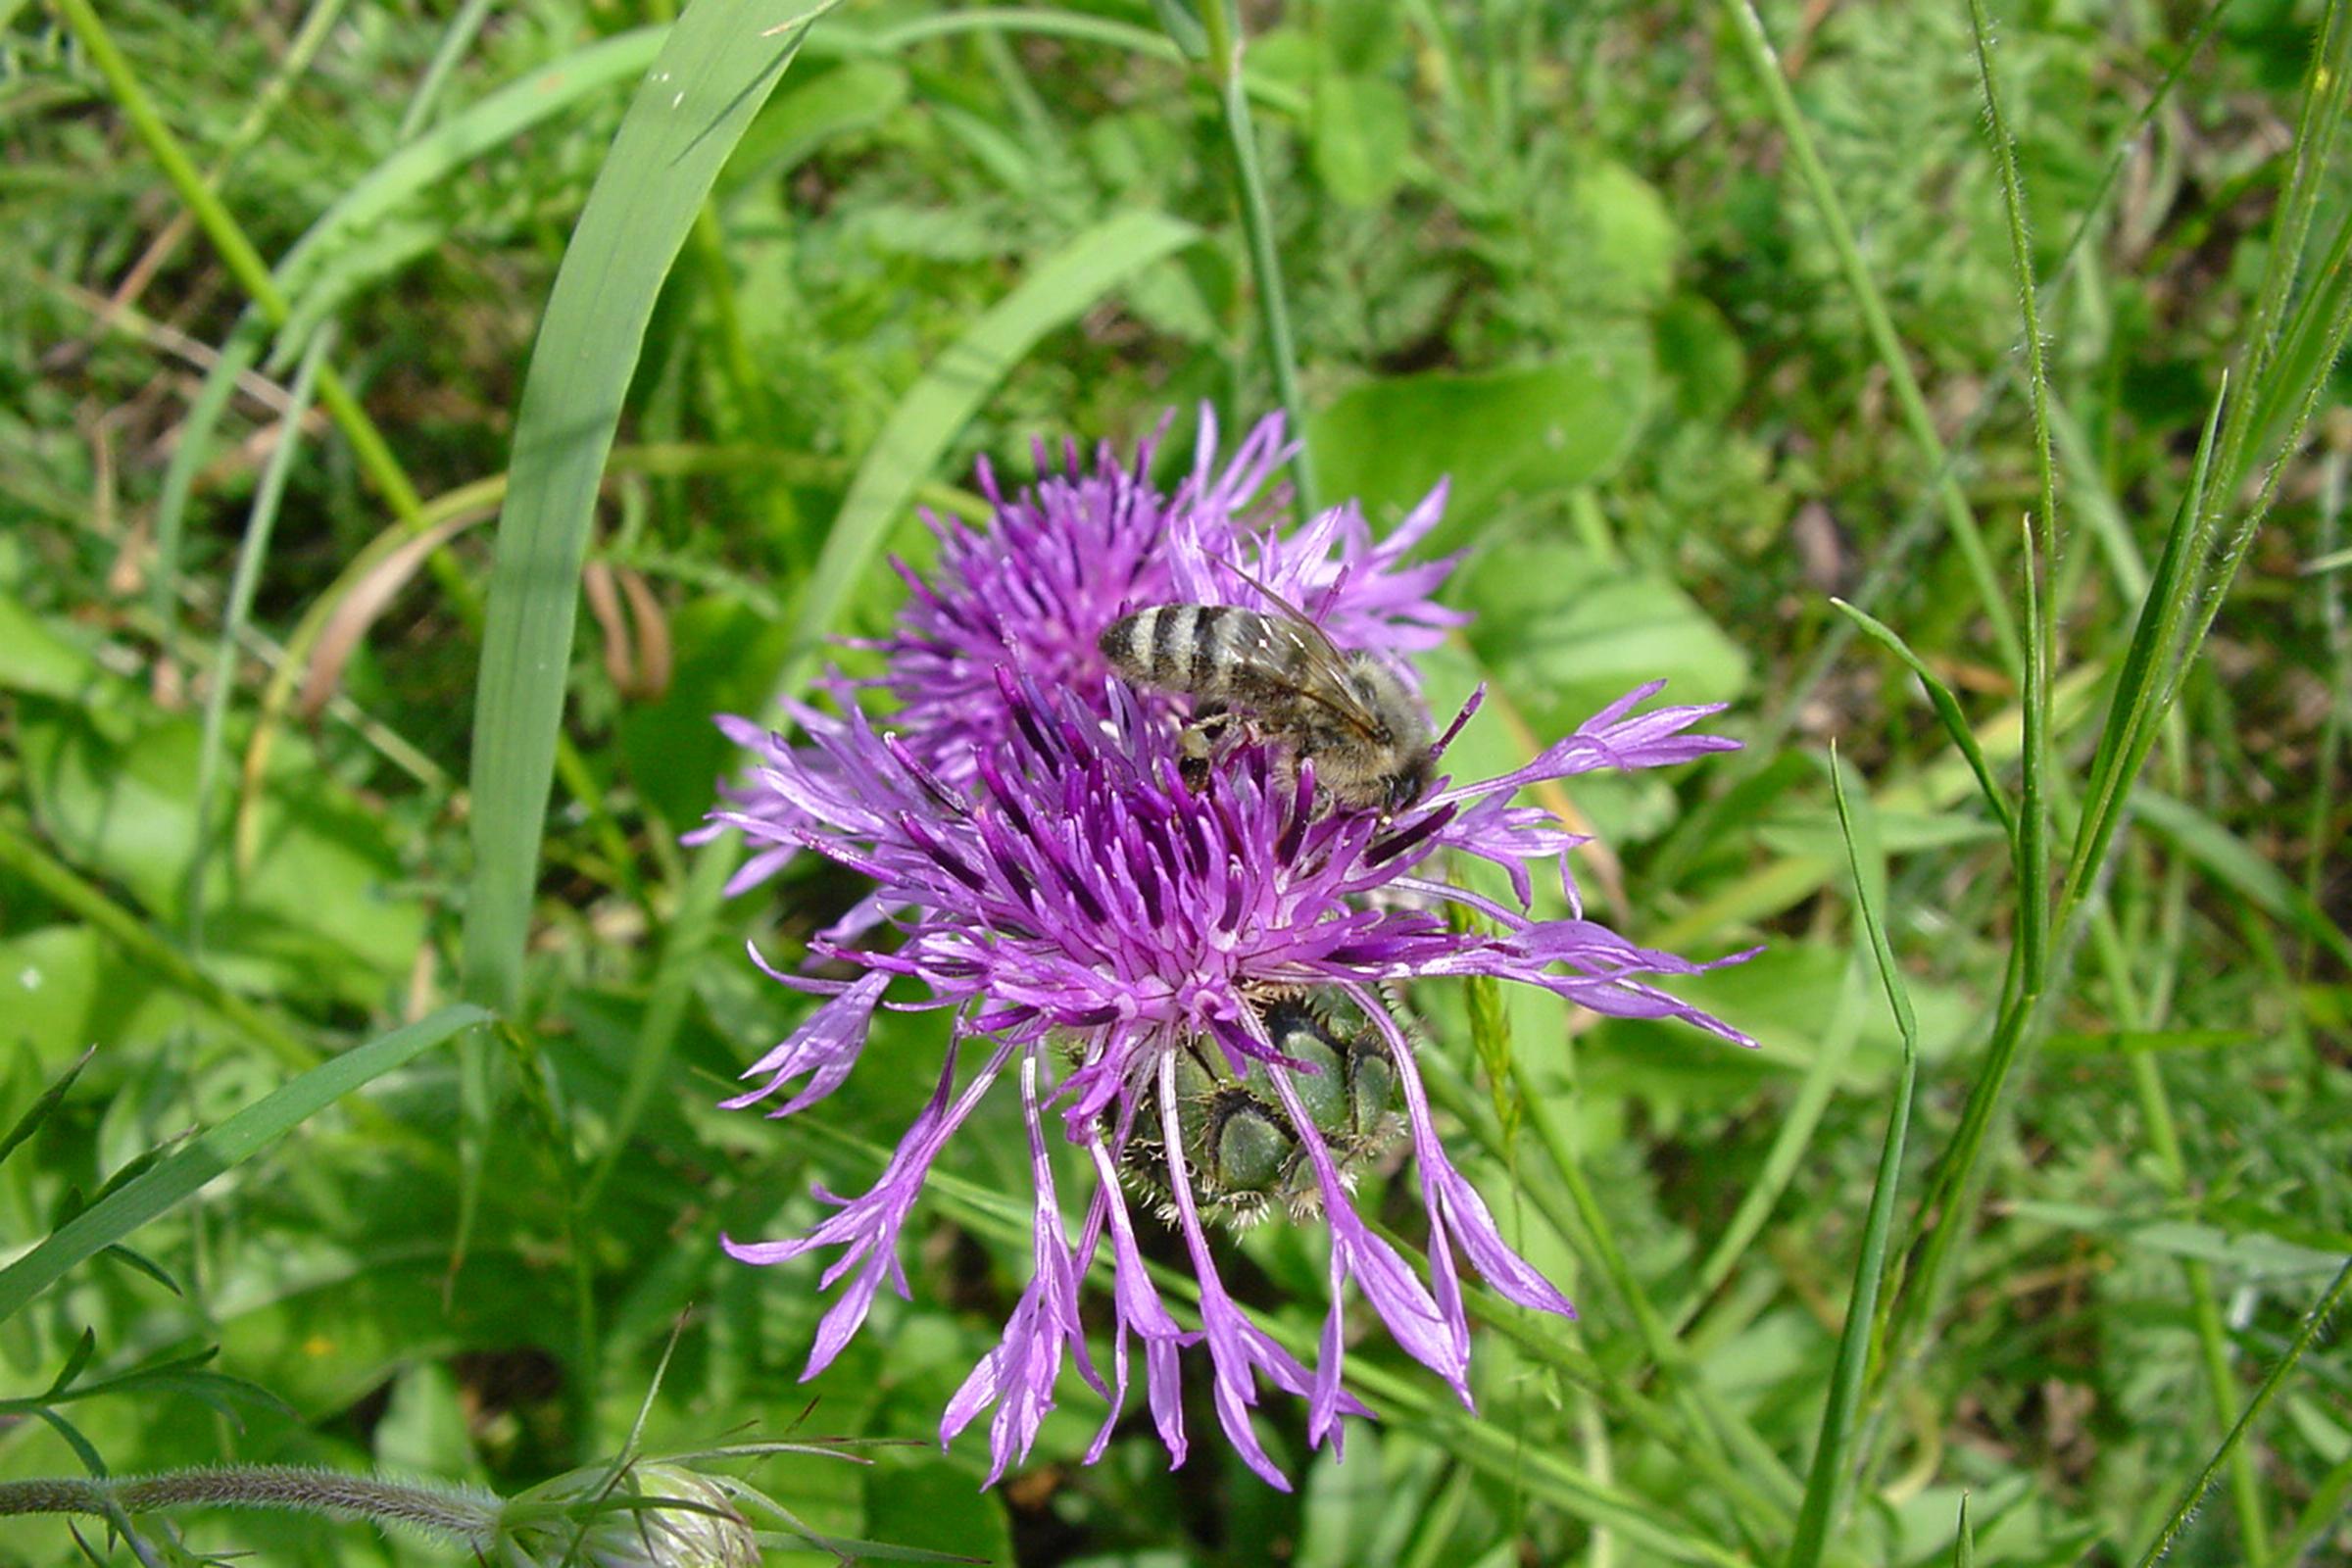 Imkerei Bienenhort Suderwich Wildbiene